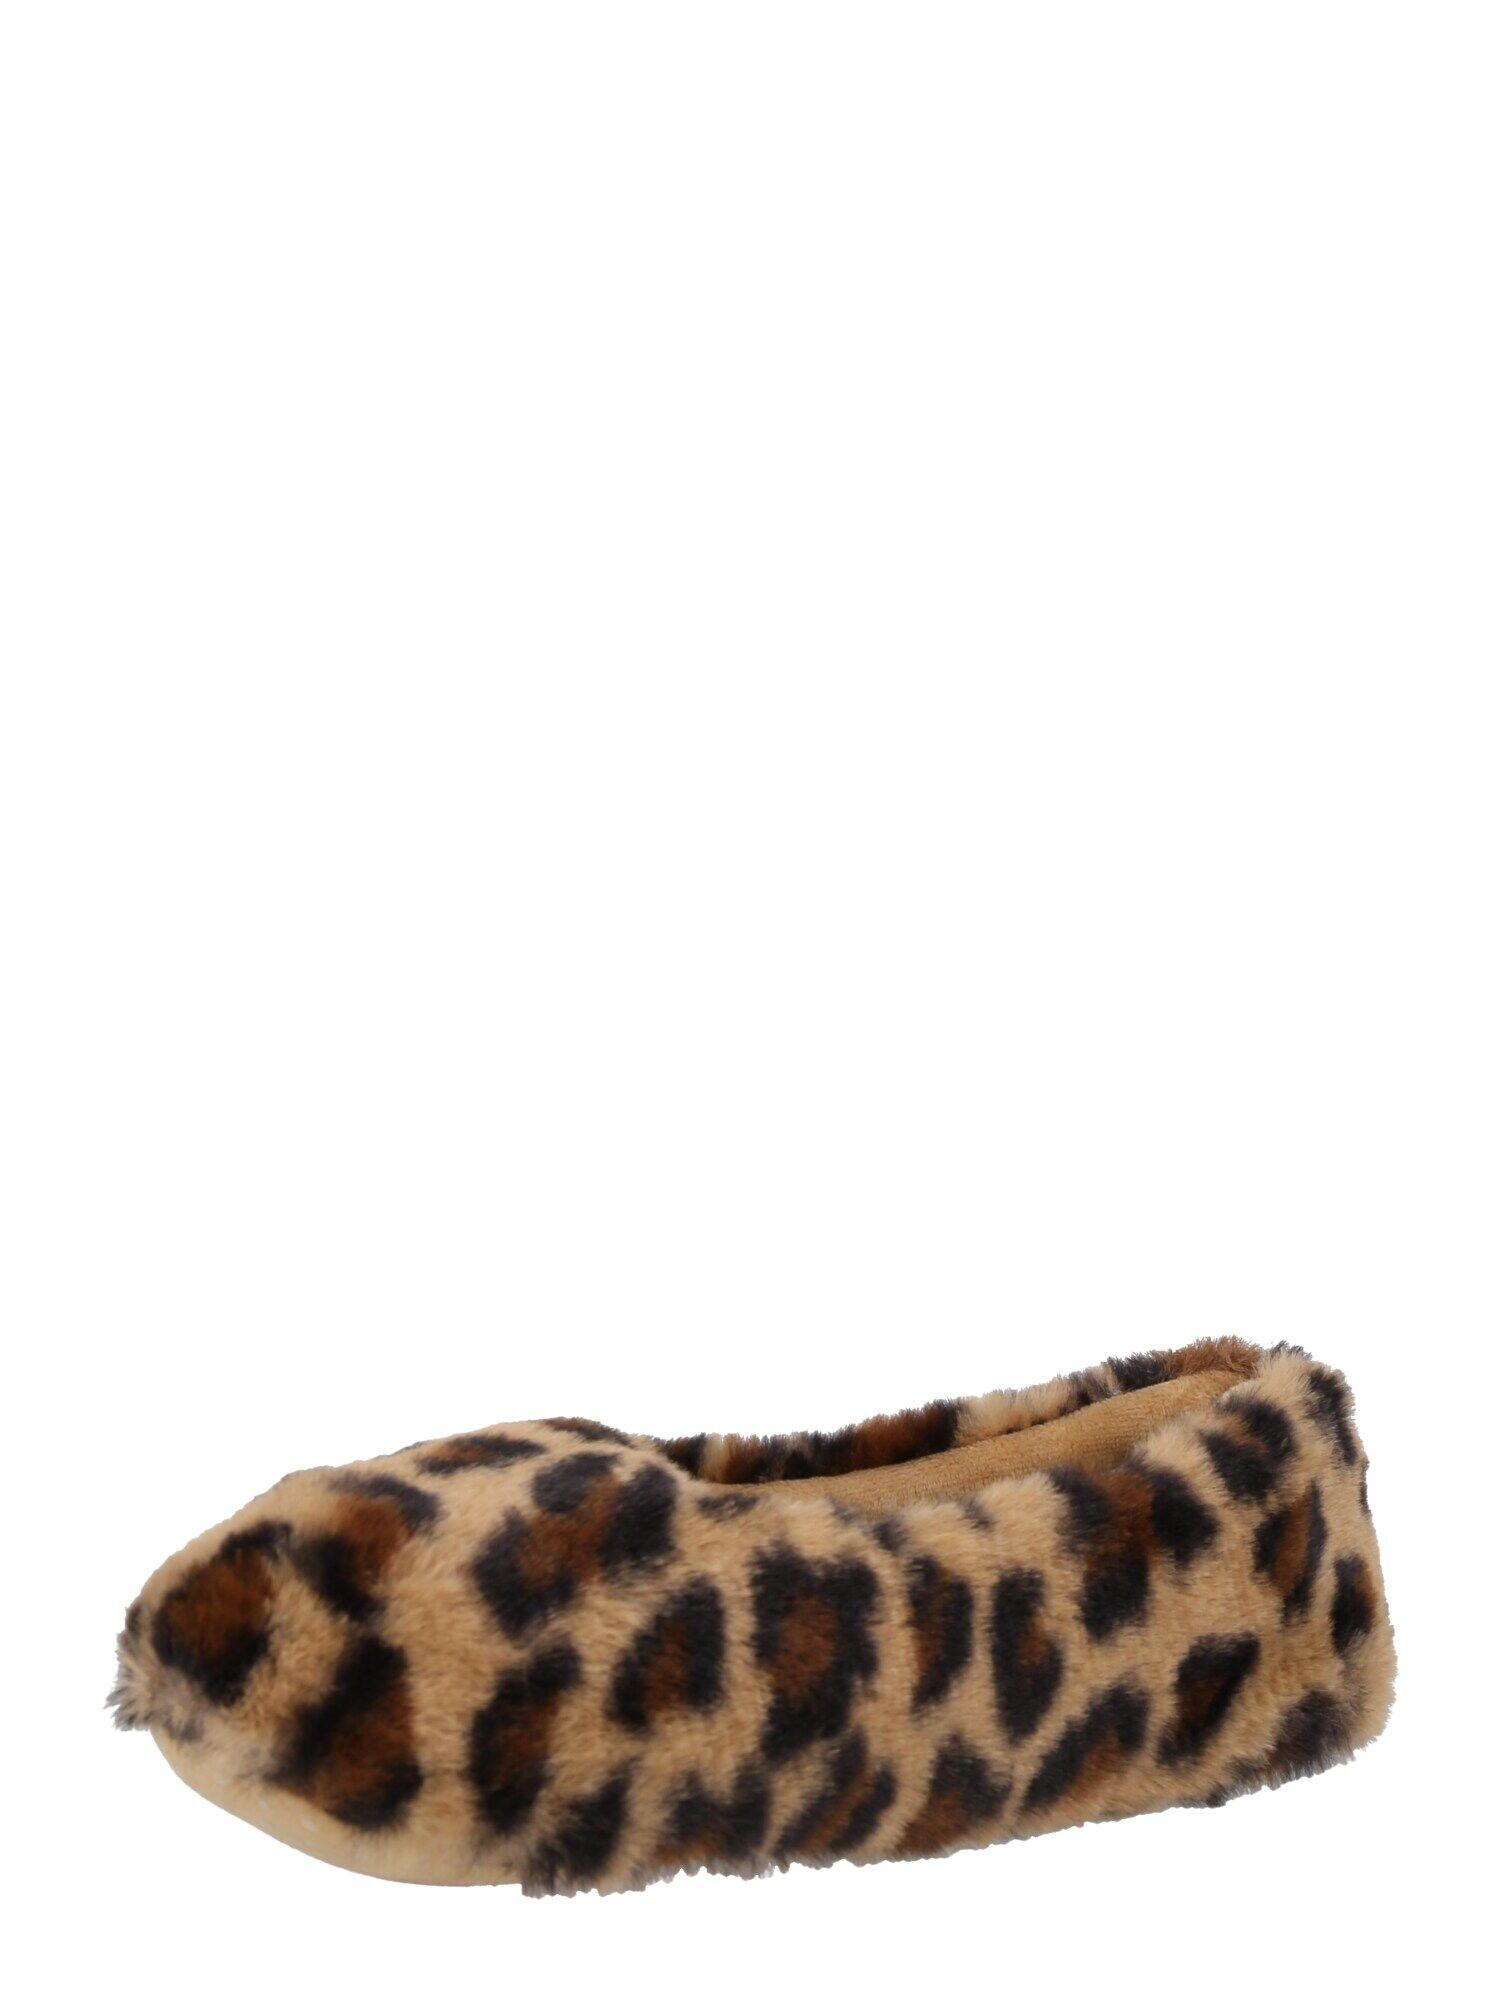 FLIP*FLOP Pantoufle  - Marron - Taille: 38 - female